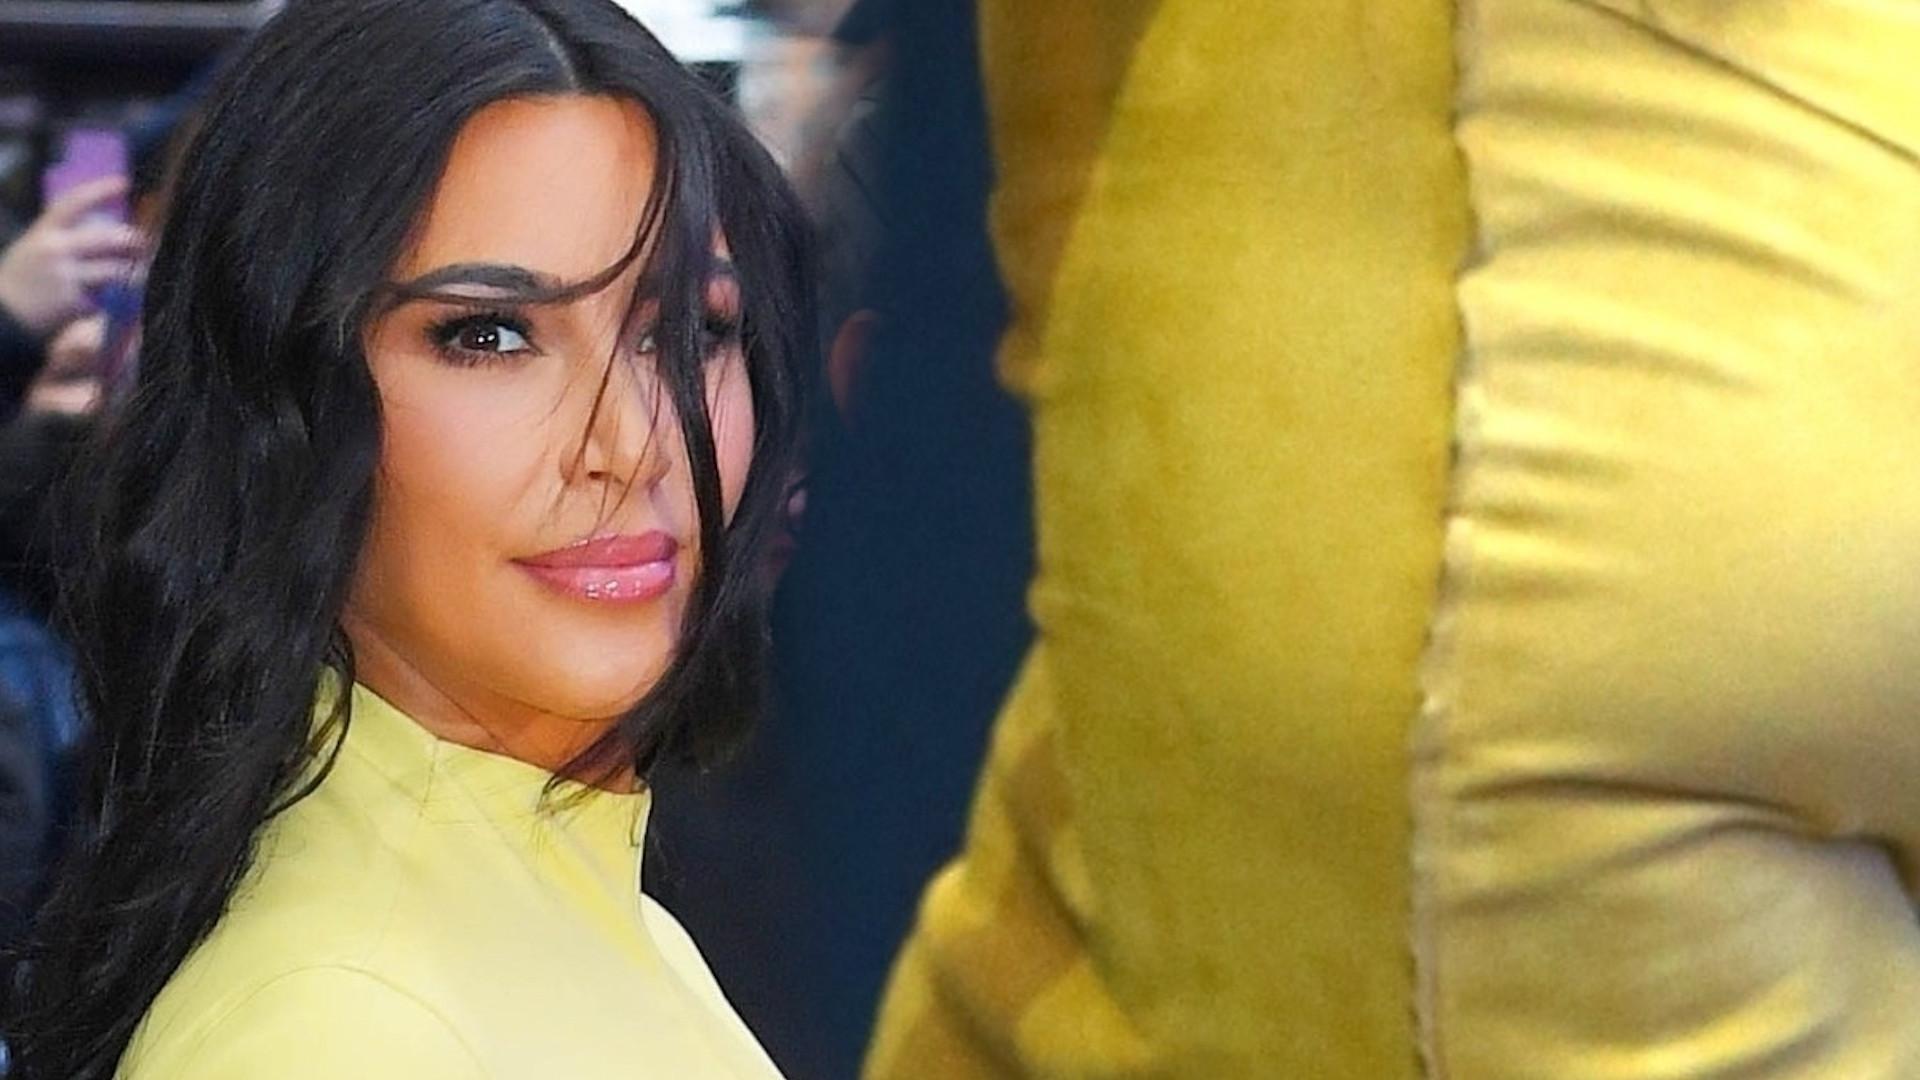 Auć! Coś nie tak z PUPĄ Kim Kardashian